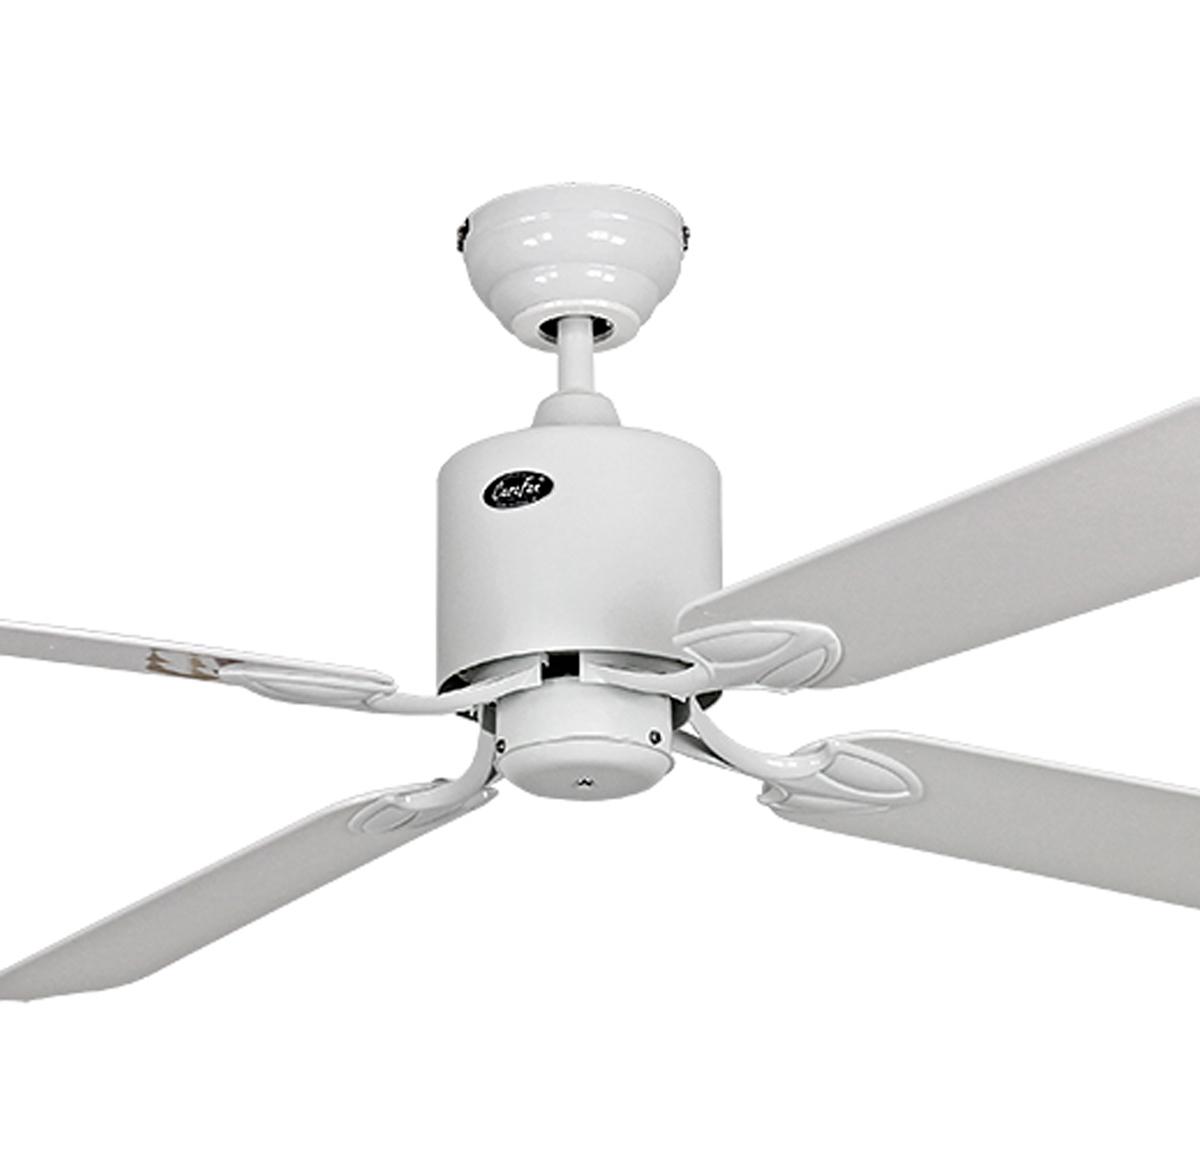 Ventilador de techo Casafan 413257 Solar Breeze 12V WE